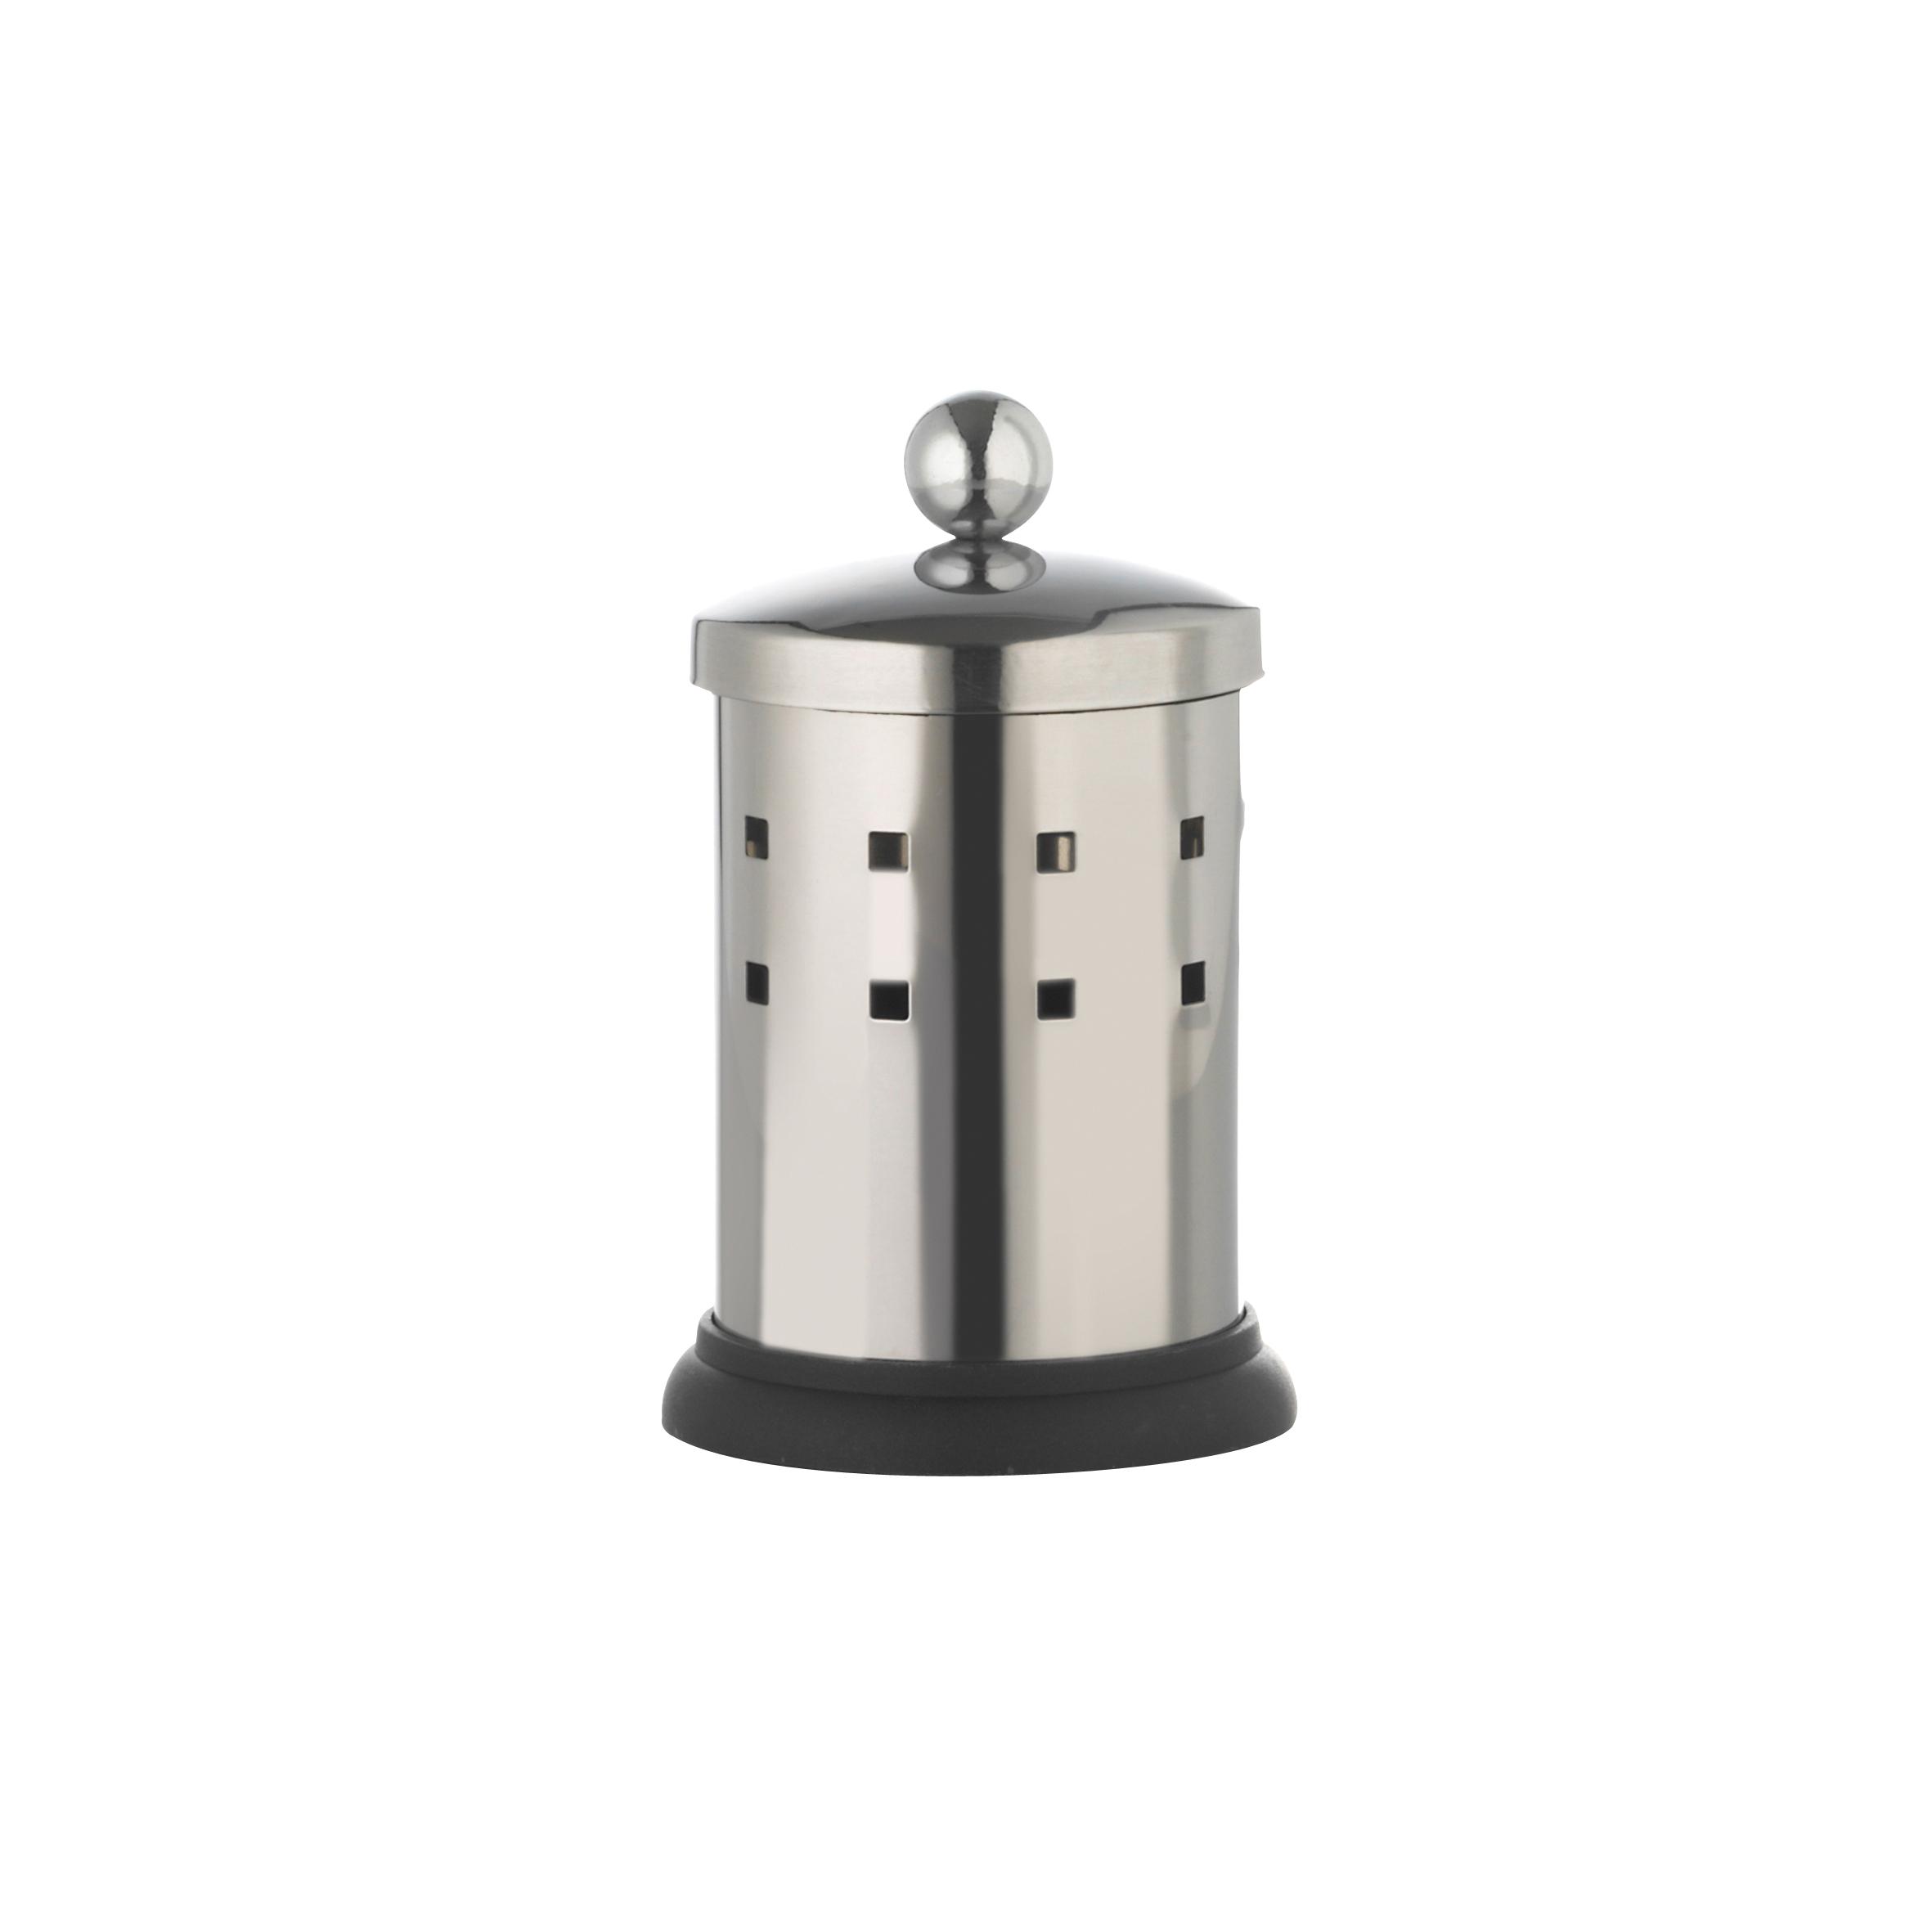 Емкость для хранения ватных палочек Axentia, с крышкой, высота 13 см68/5/1Емкость Axentia, изготовленная из нержавеющей стали со специальной противоскользящей подставкой, предназначена для компактного хранения ватных палочек. Изделие оснащено крышкой. Емкость для хранения ватных палочек Axentia удобна в использовании и экономит место.Высота емкости: 13 см.Диаметр основания емкости: 7 см.